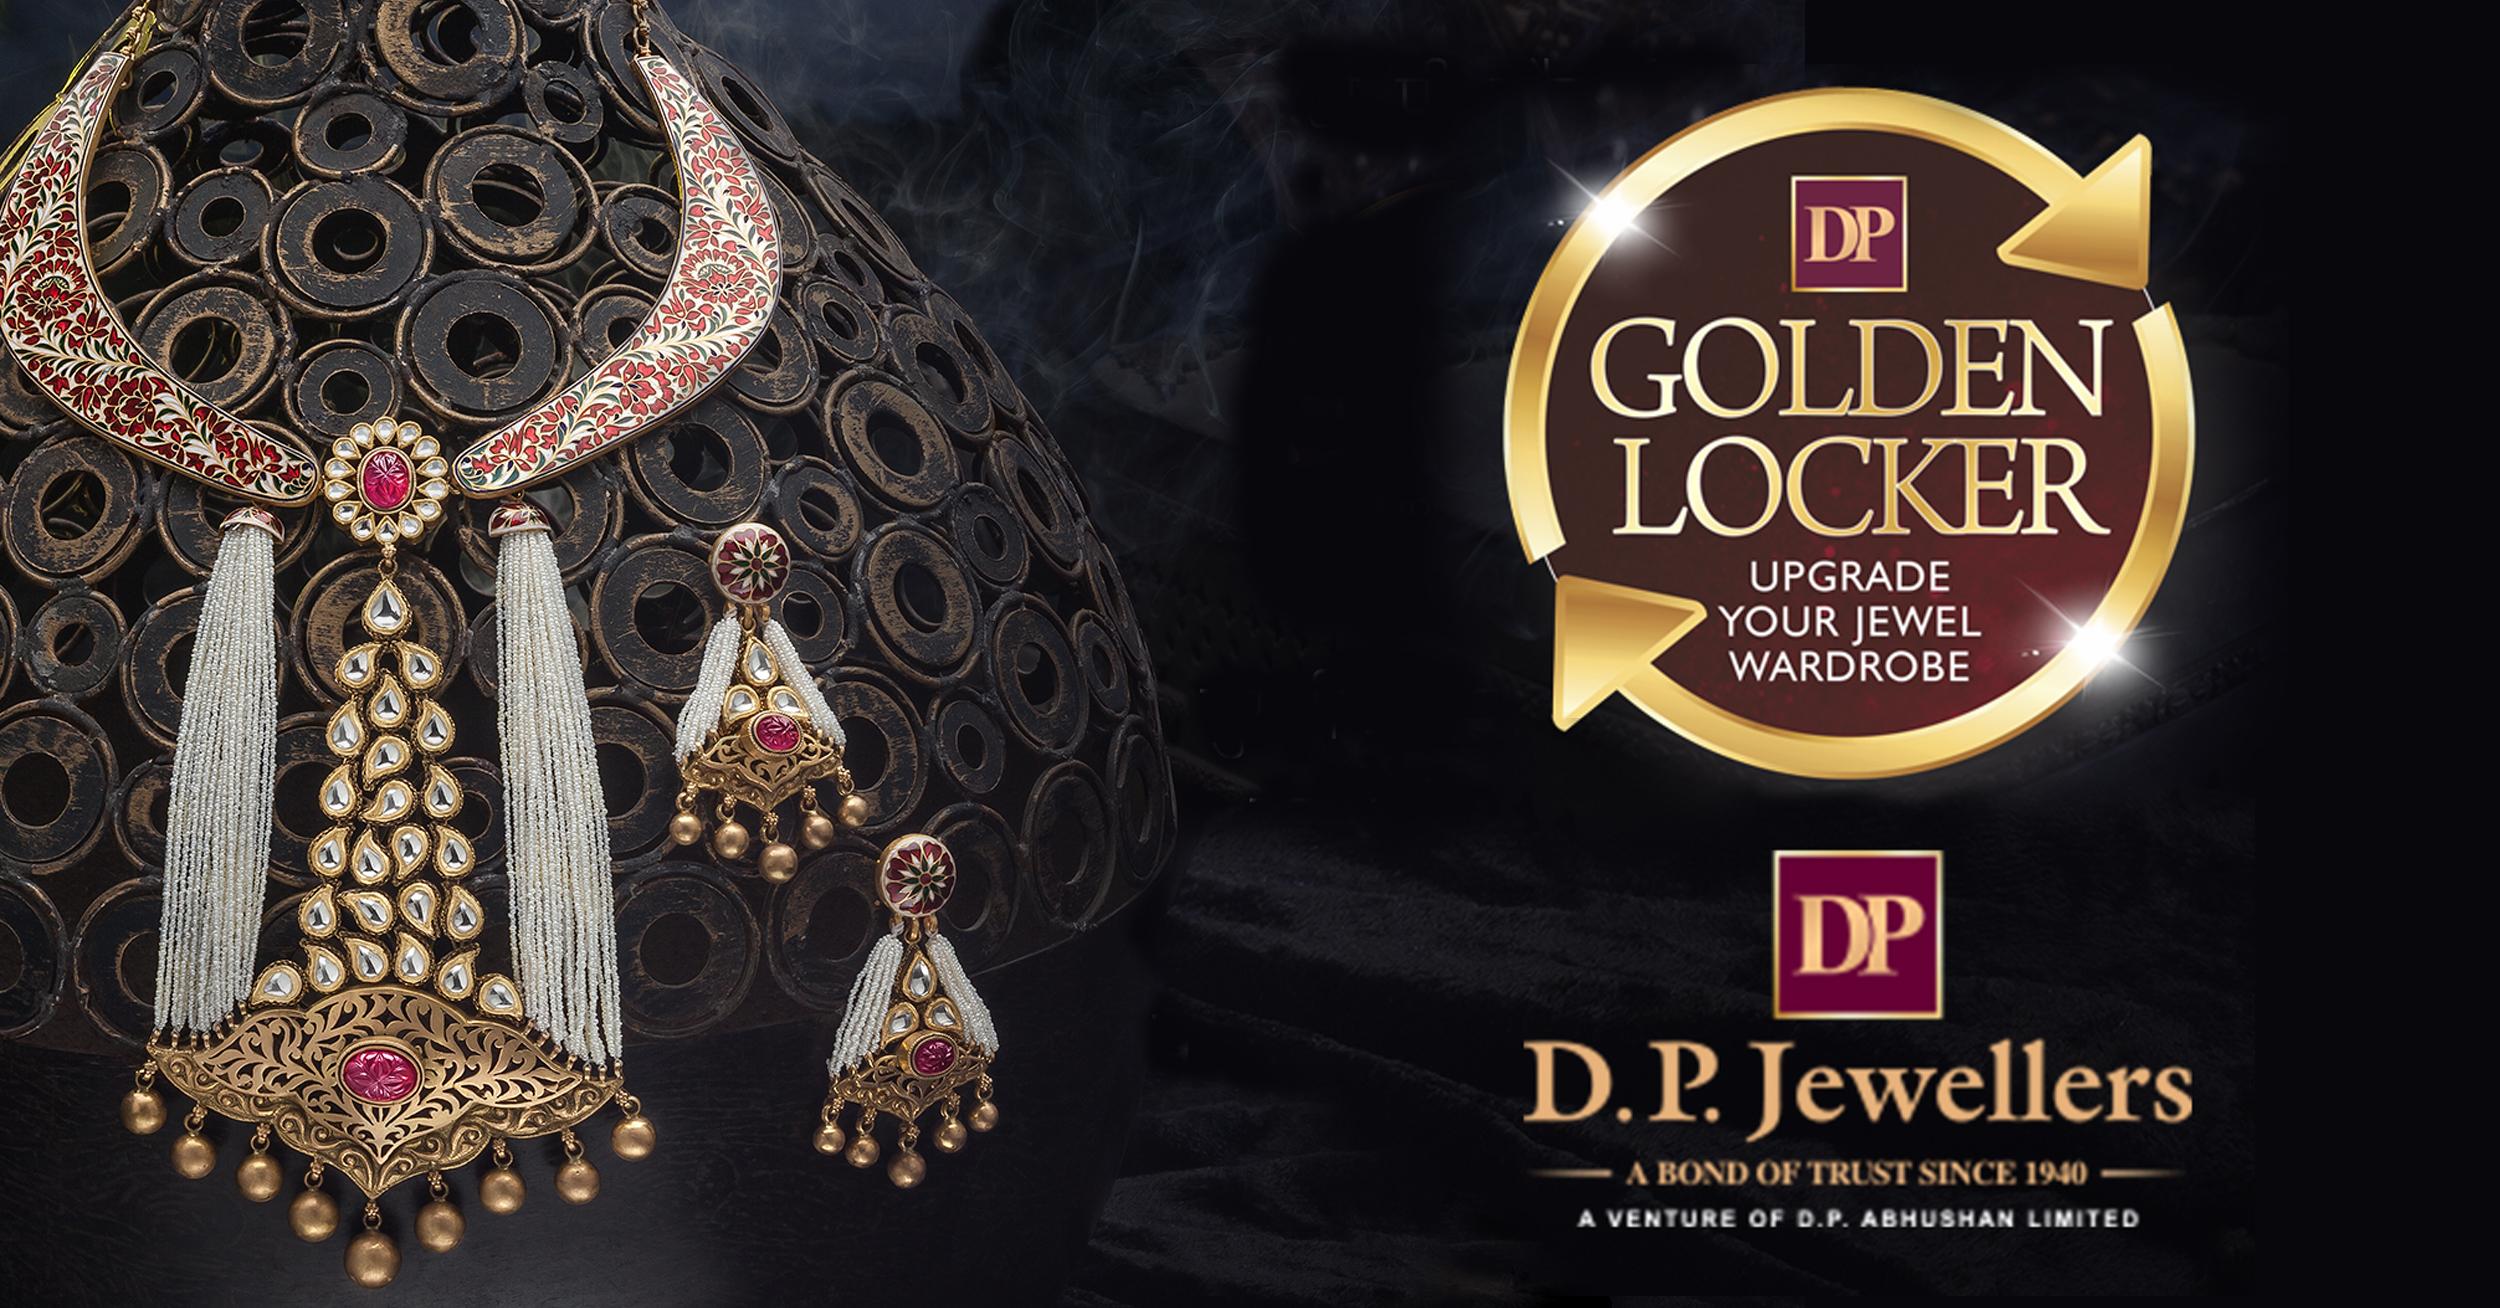 DP Jewellers